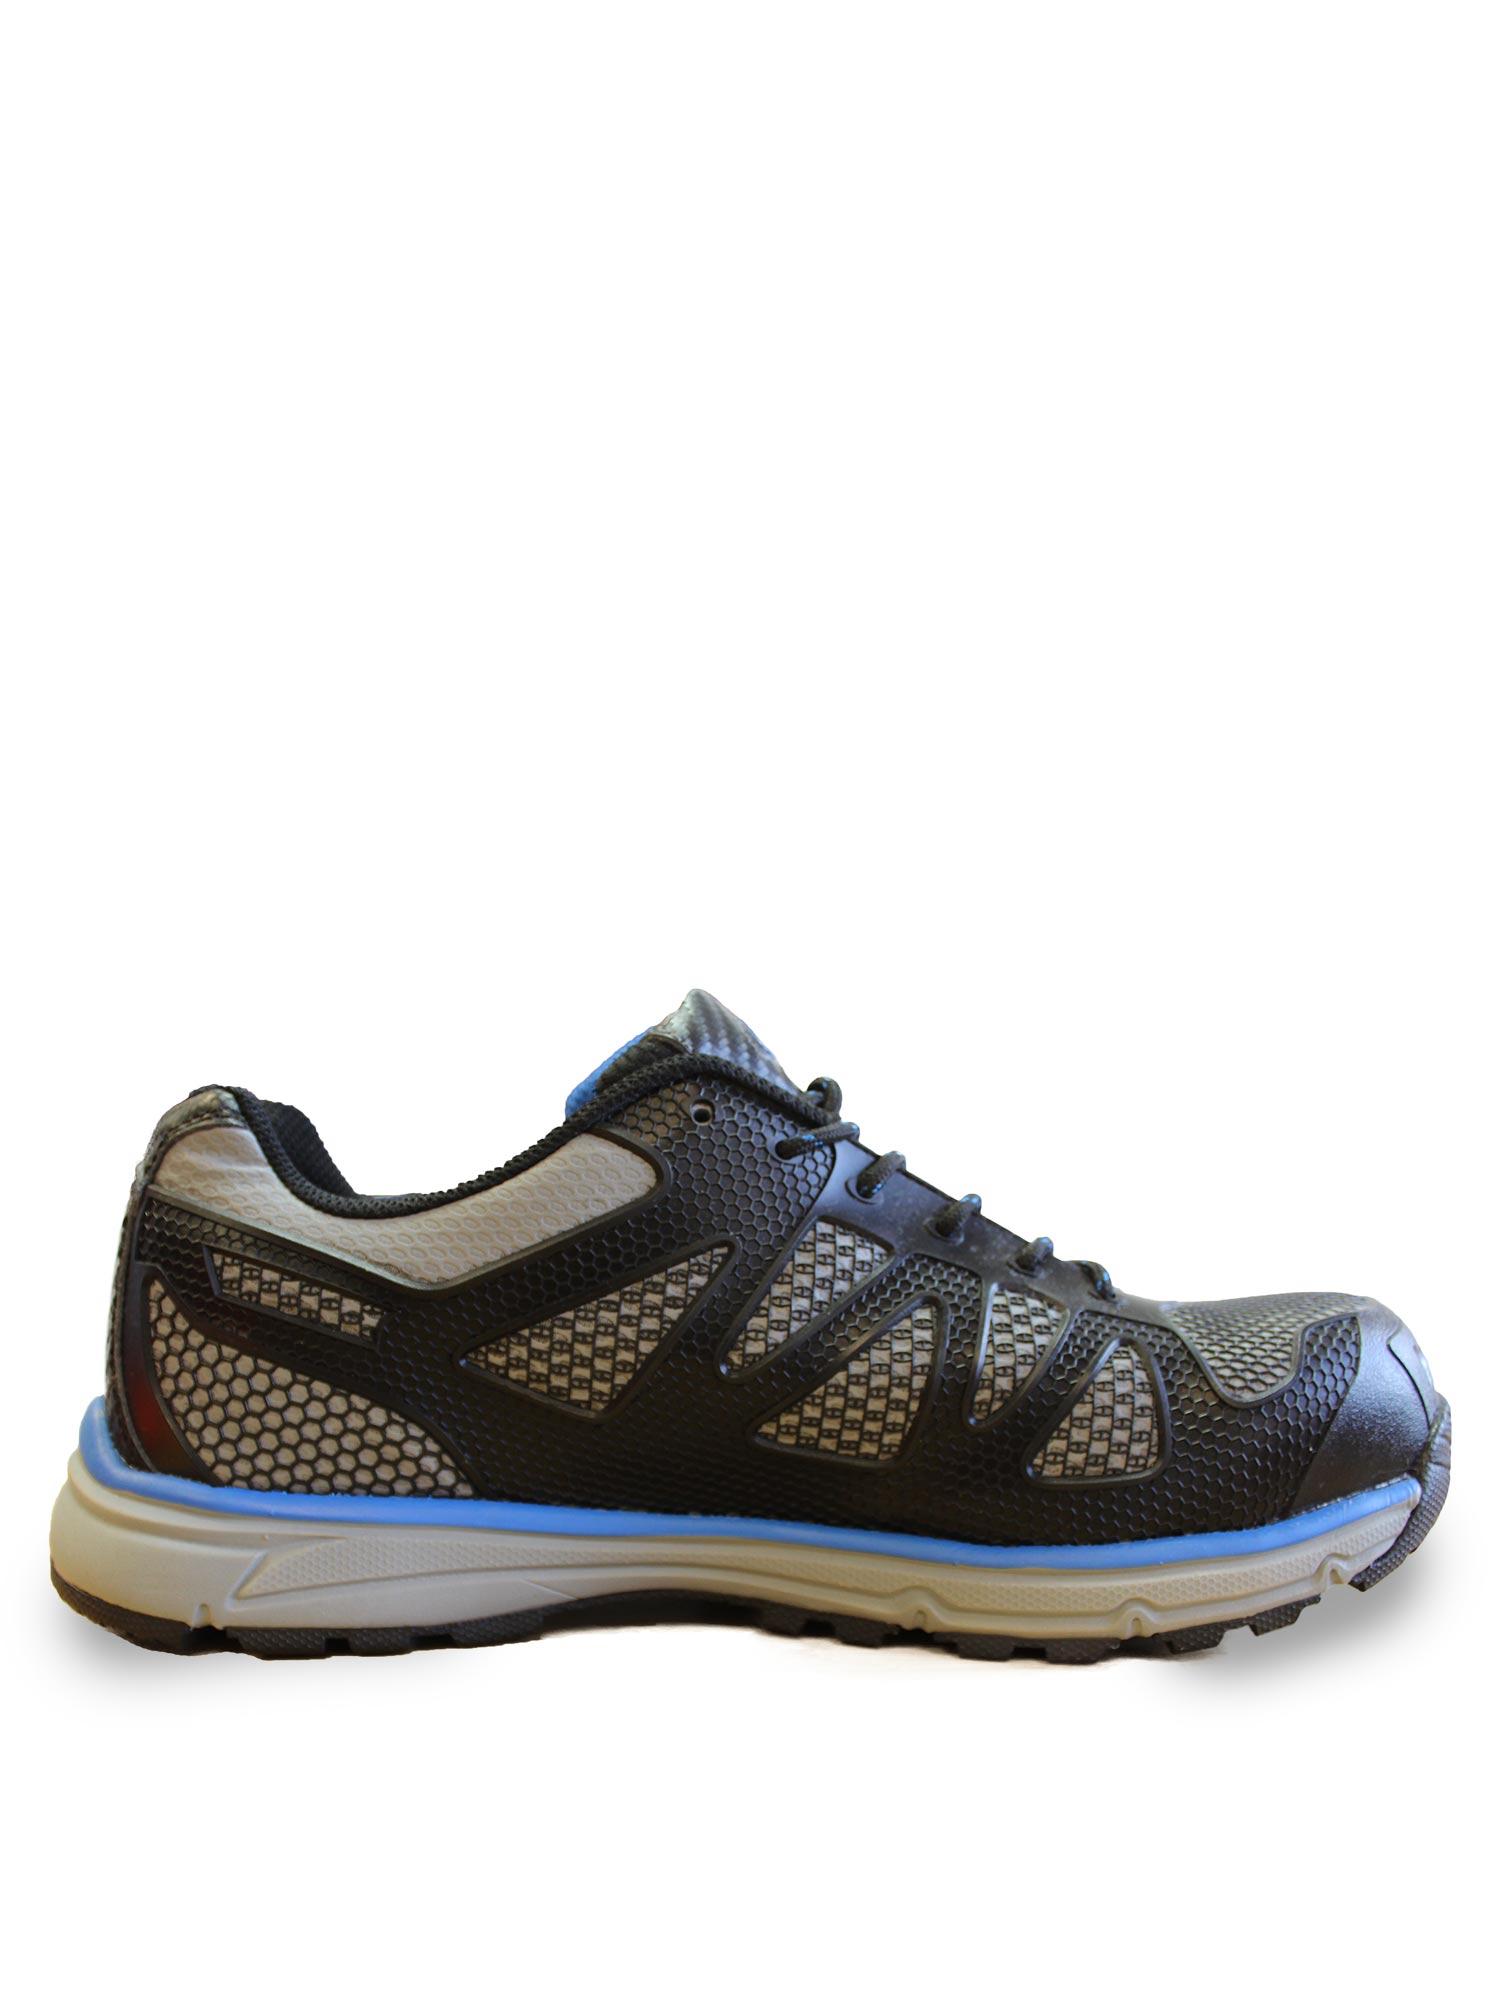 Dickies Men S Dickies Fury Low Csa Safety Shoe